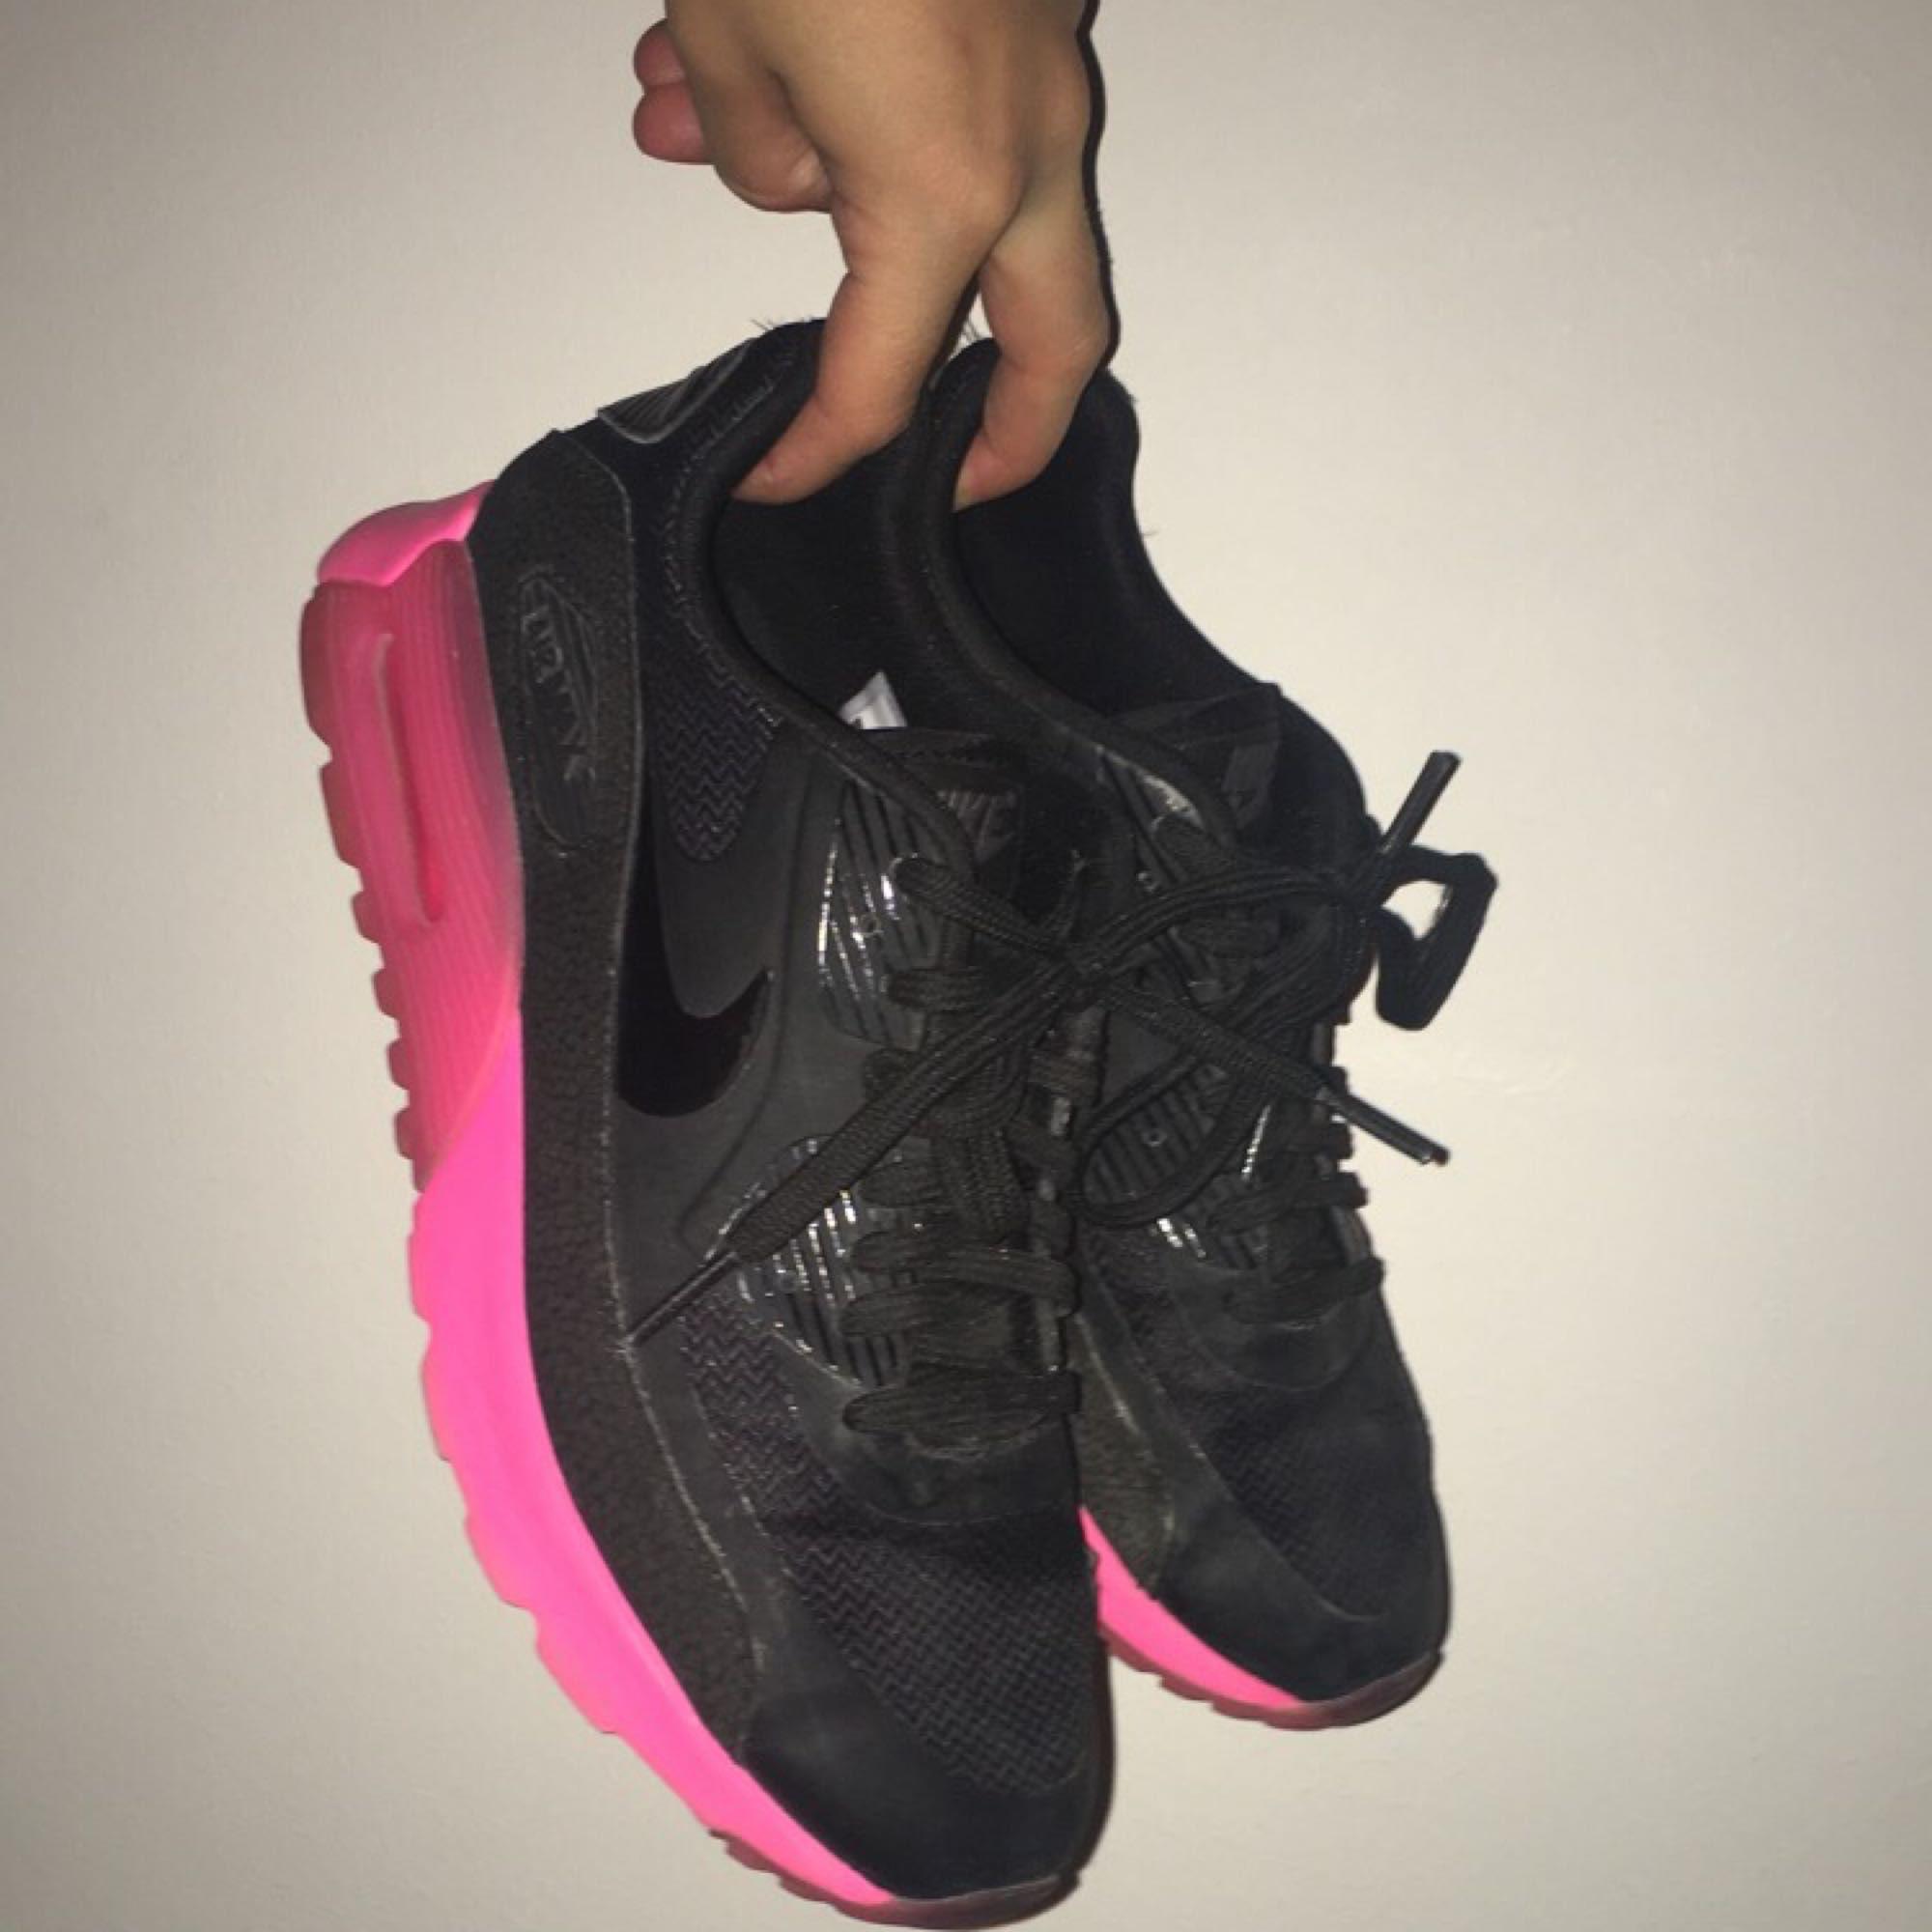 5d6eb2d2a24 Snygga och sköna Nike air max skor som inte kommer till användning!